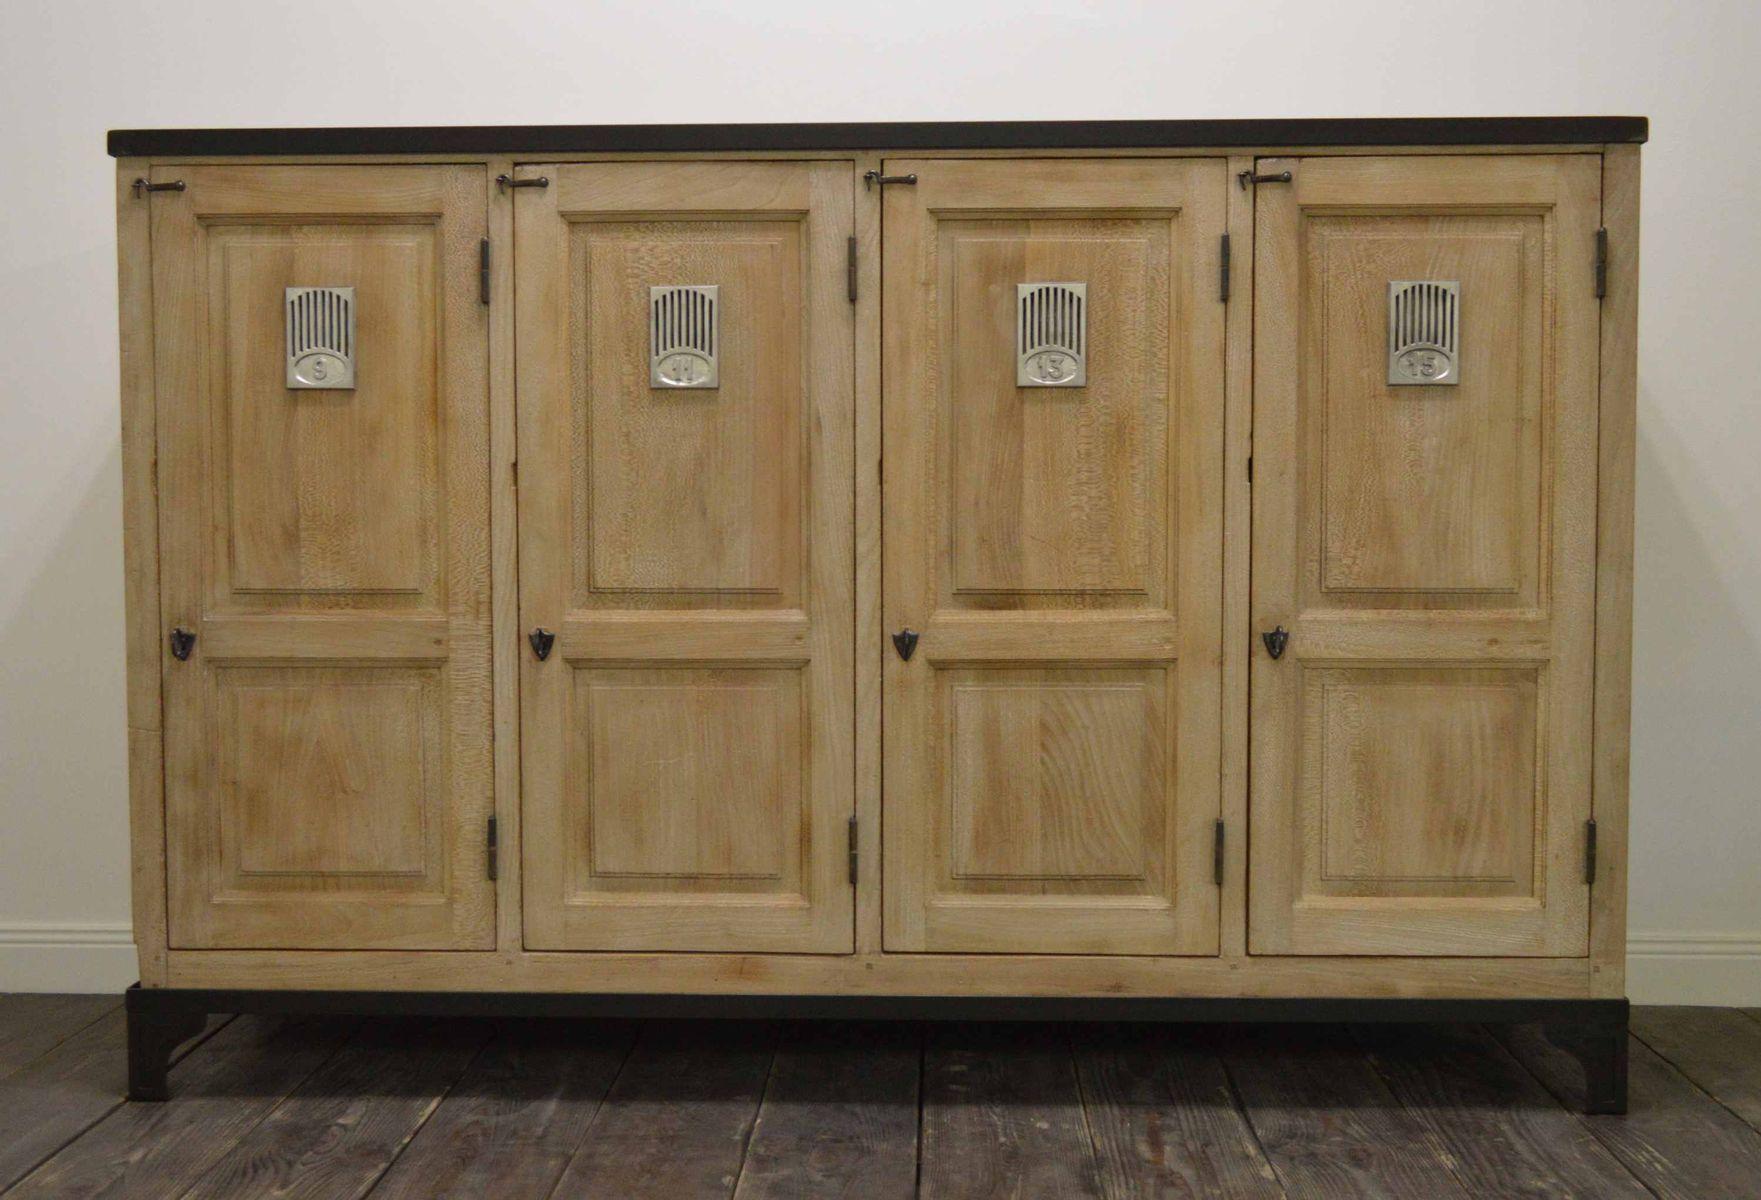 penderie vintage en bois de h tre france en vente sur pamono. Black Bedroom Furniture Sets. Home Design Ideas